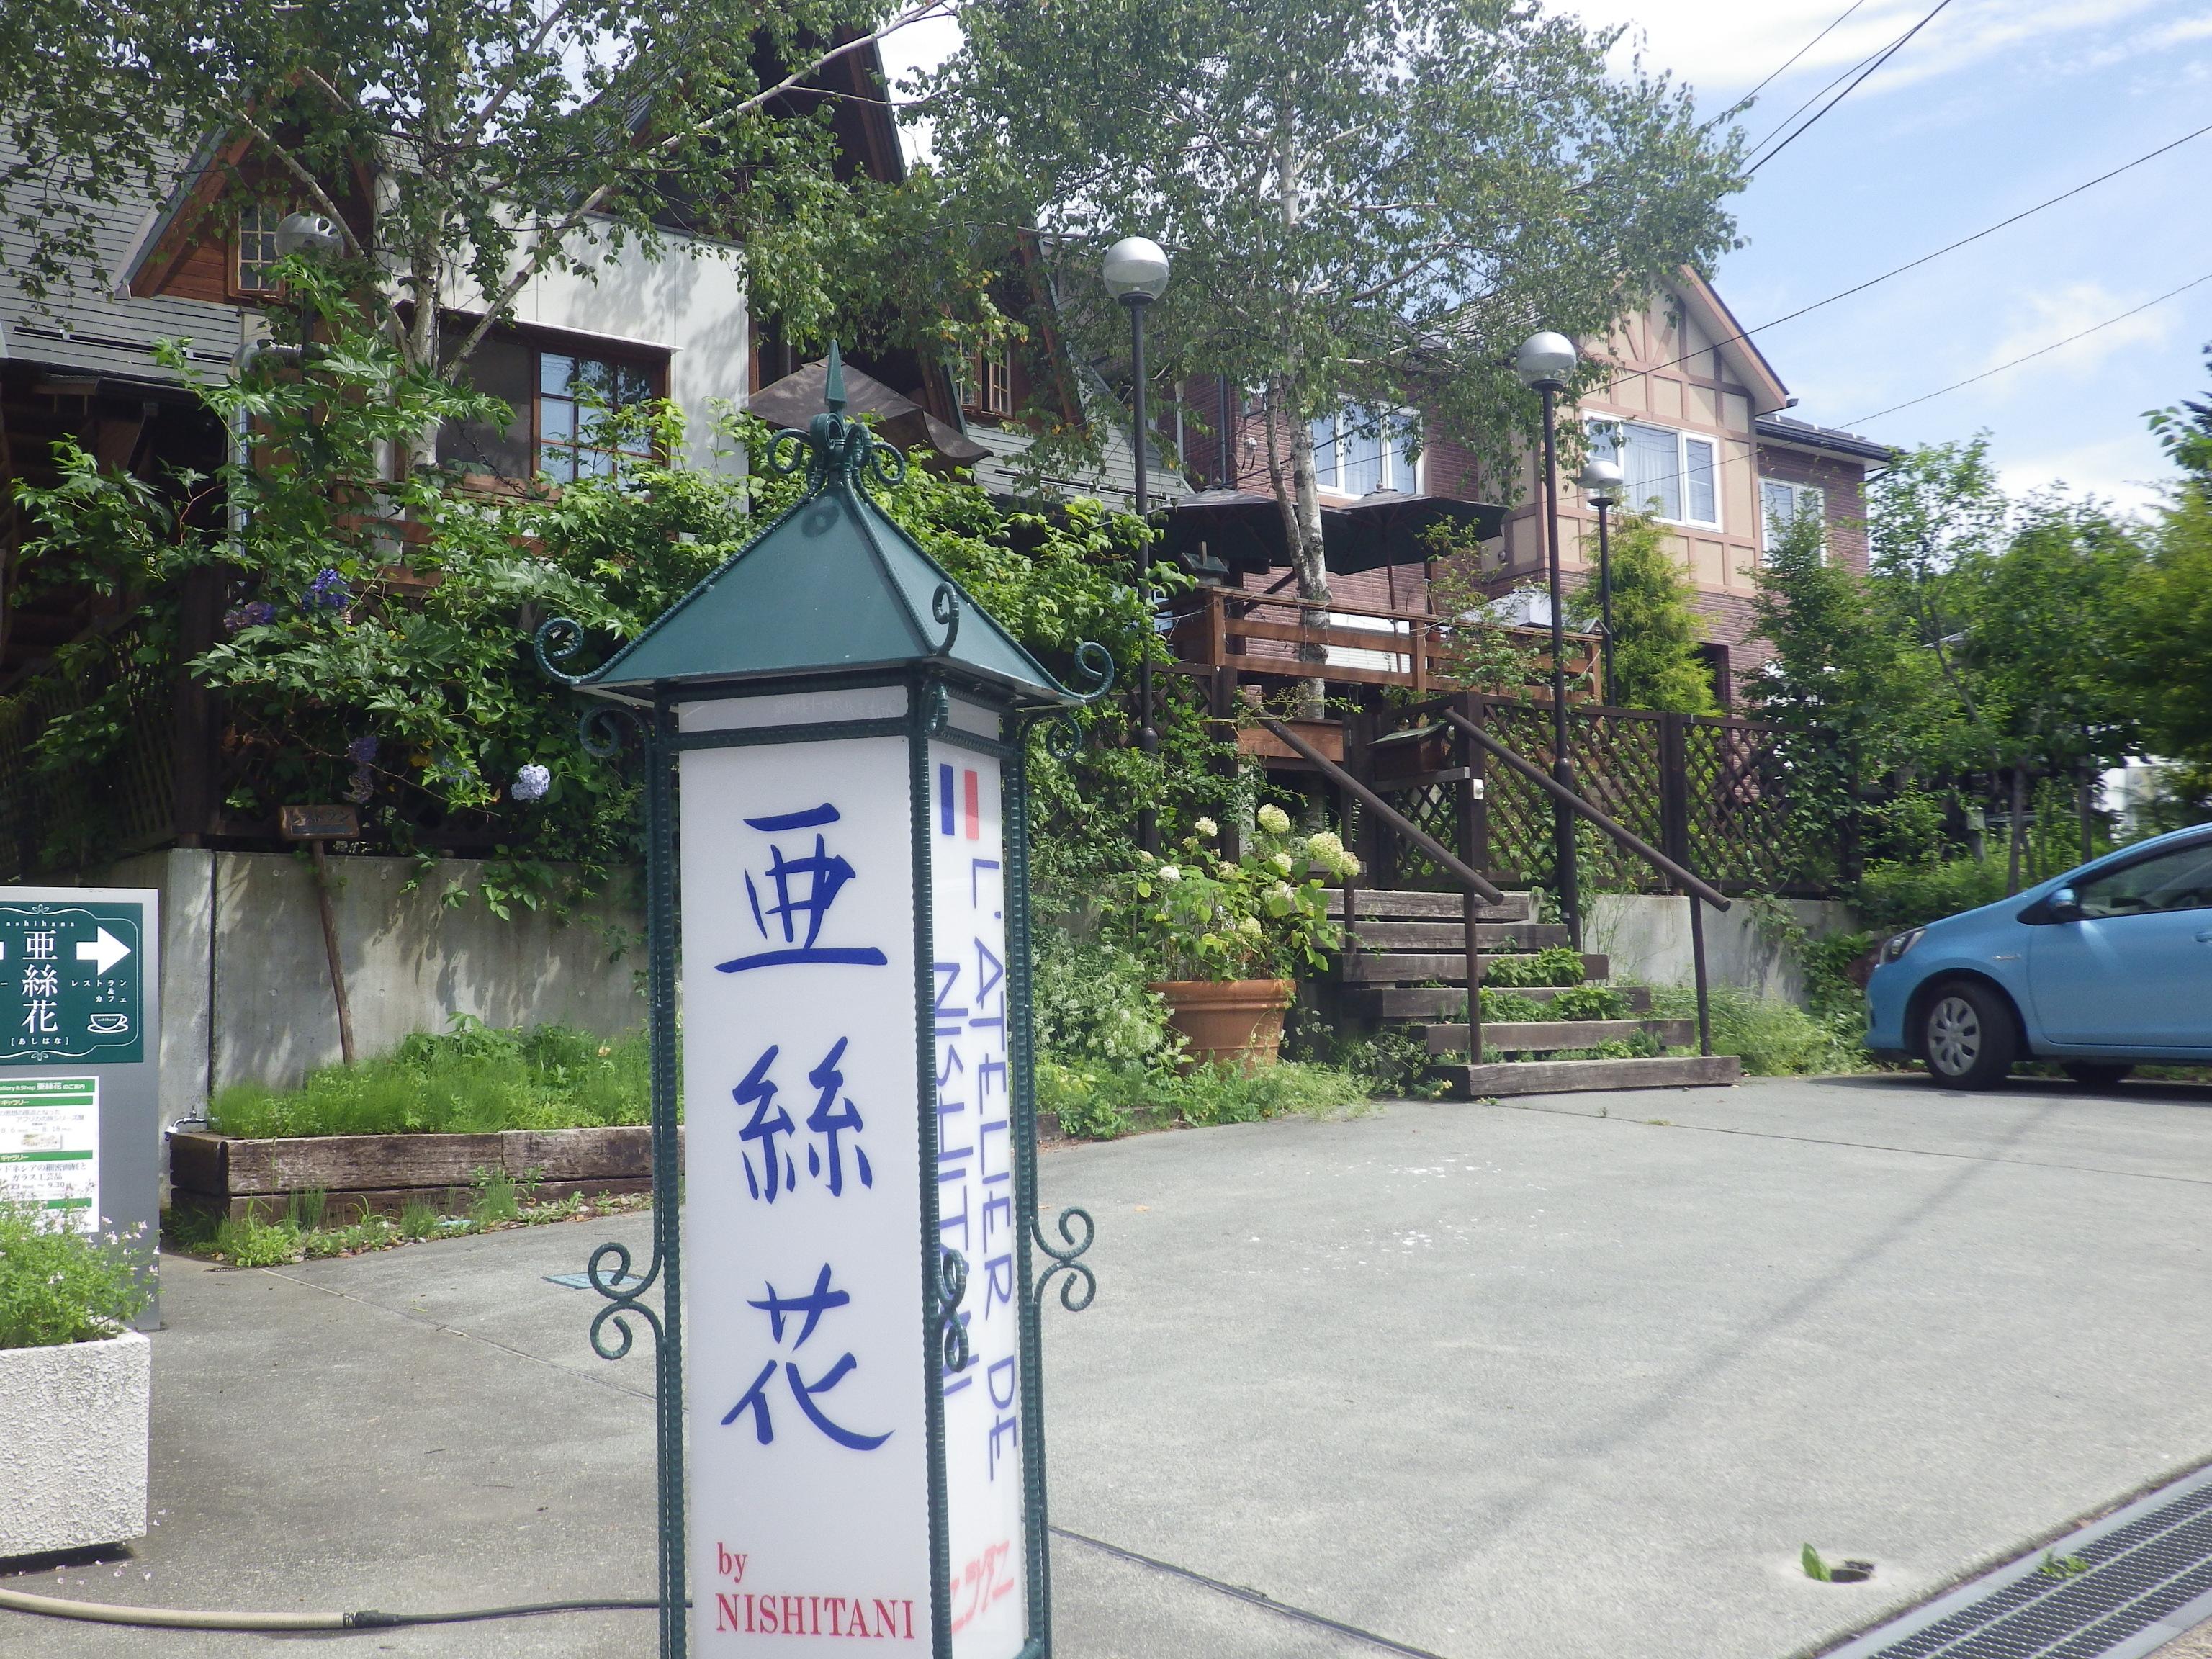 フレンチ・カフェレストラン 亜絲花 by NISHITANI